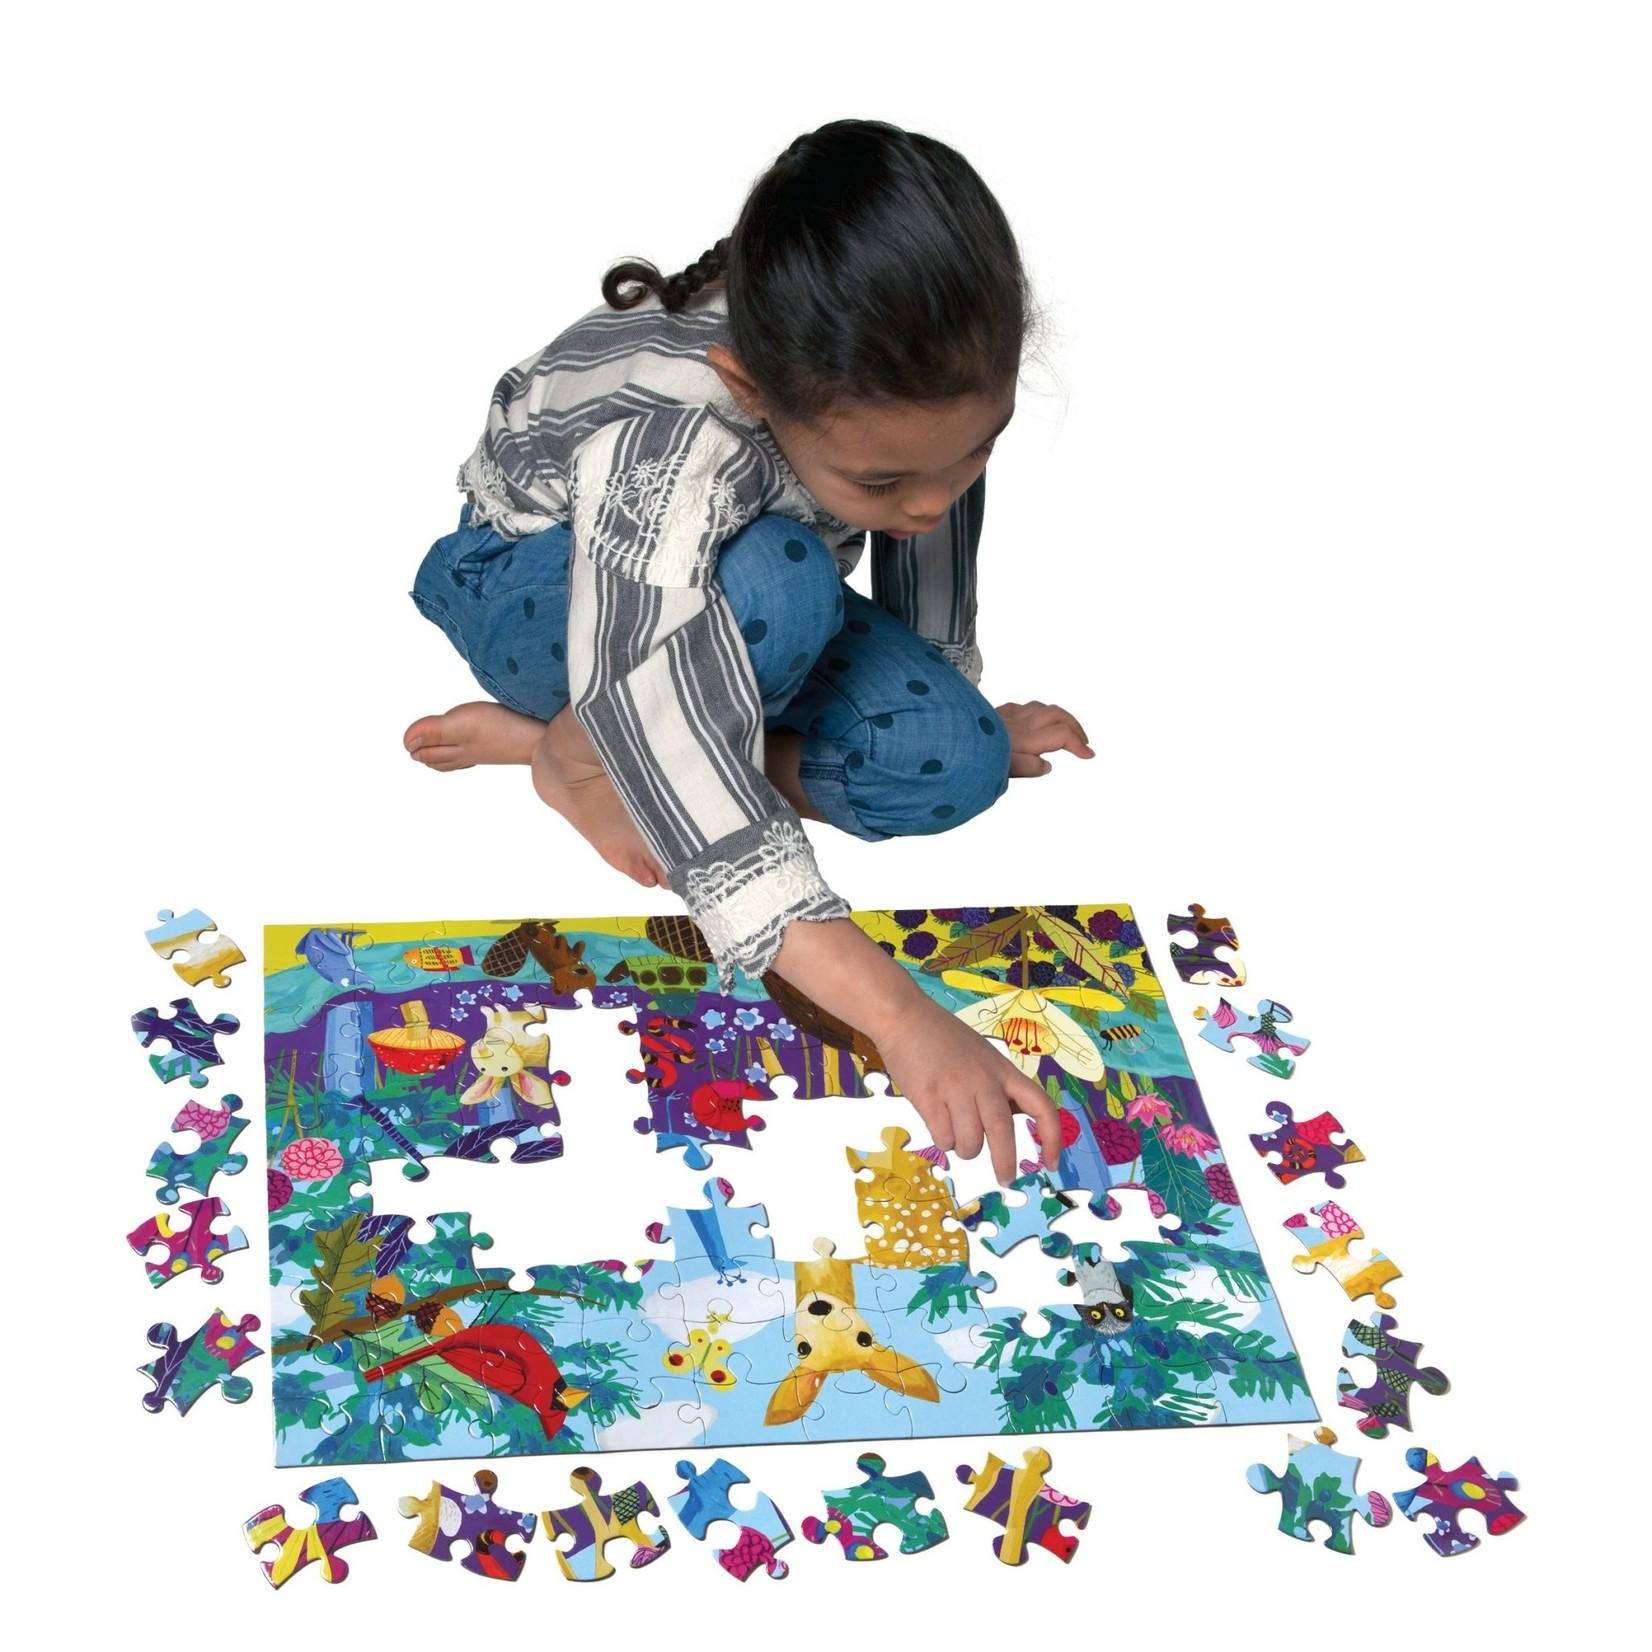 Eeboo Life on Earth 100 - Piece jigsaw puzzle